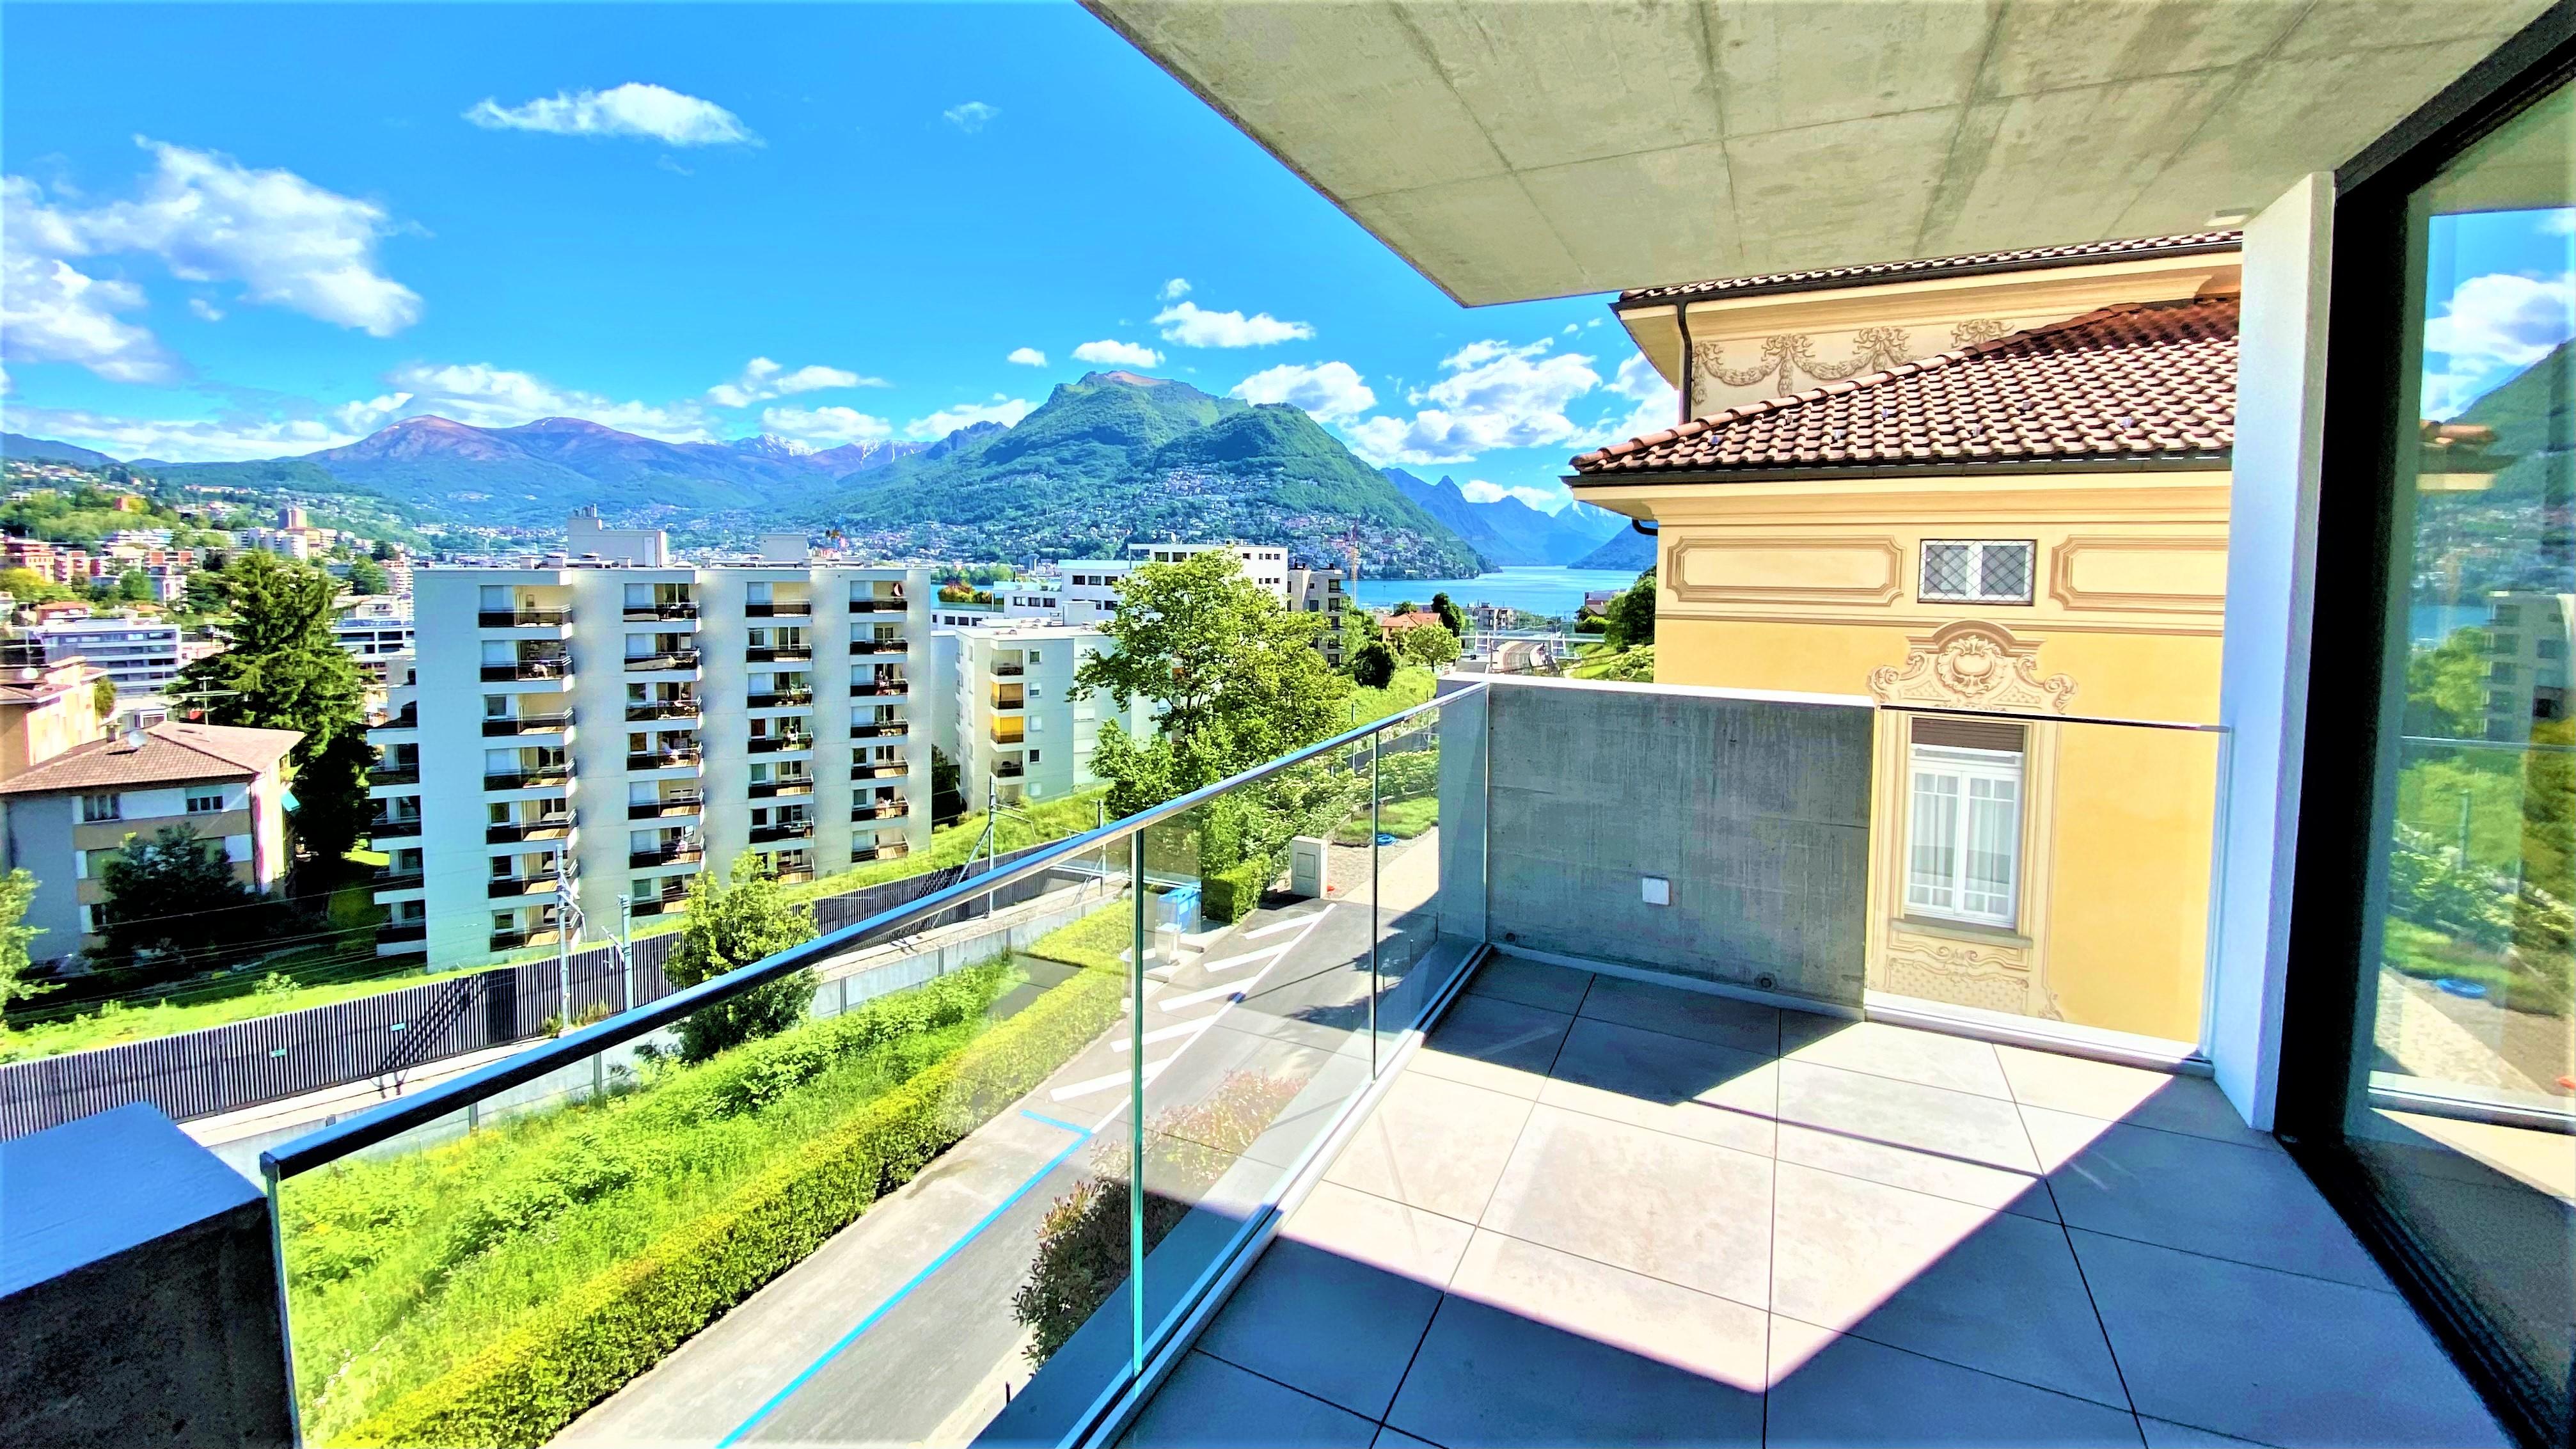 Nuovissimo appartamento di alto standing con vista lago in vendita a Paradiso